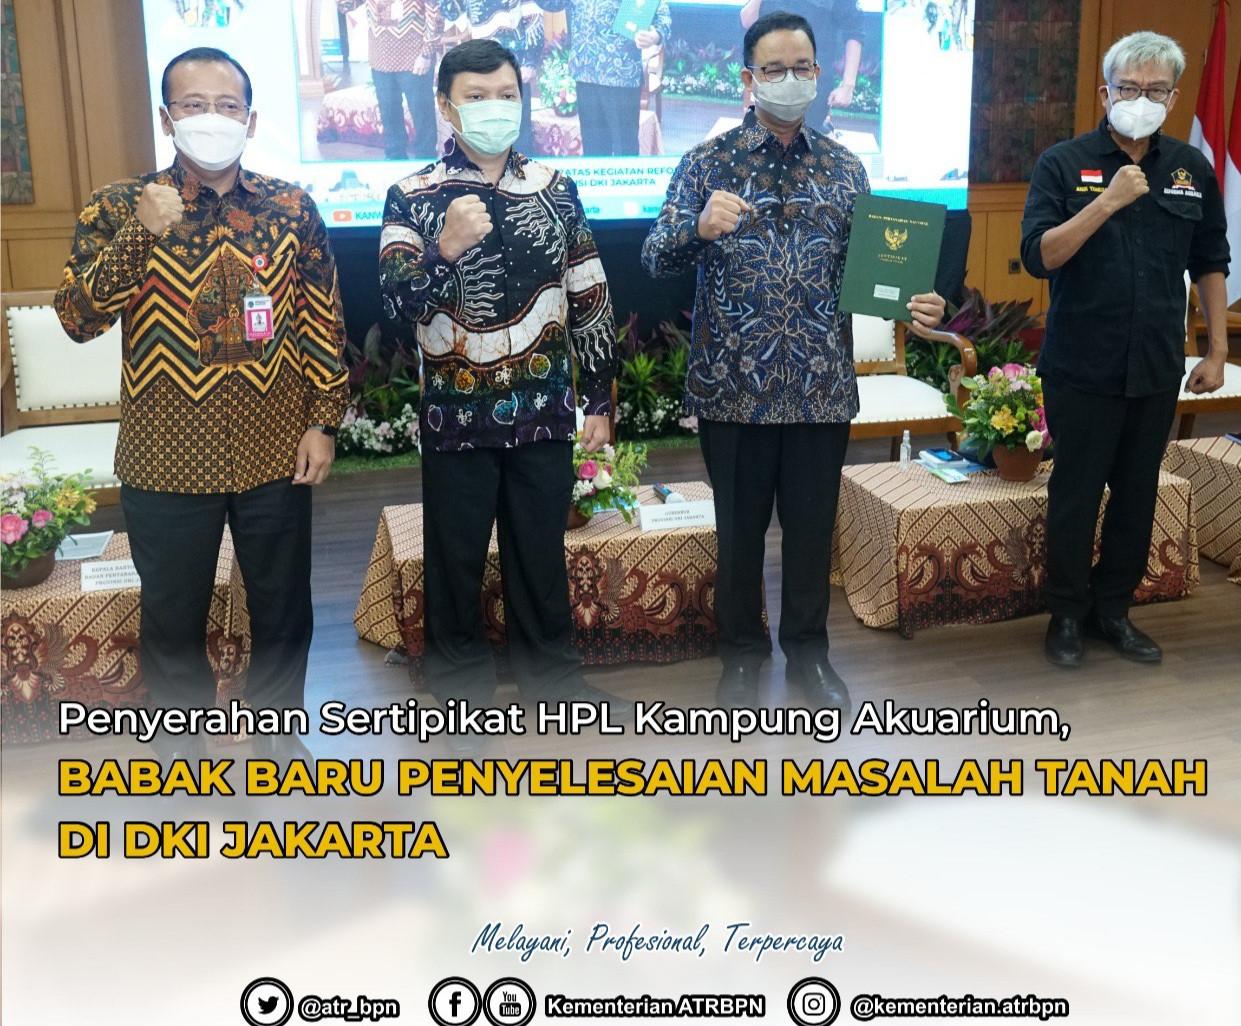 Penyerahan Sertipikat HPL Kampung Akuarium, Babak Baru Penyelesaian Masalah Tanah di DKI Jakarta - JPNN.com